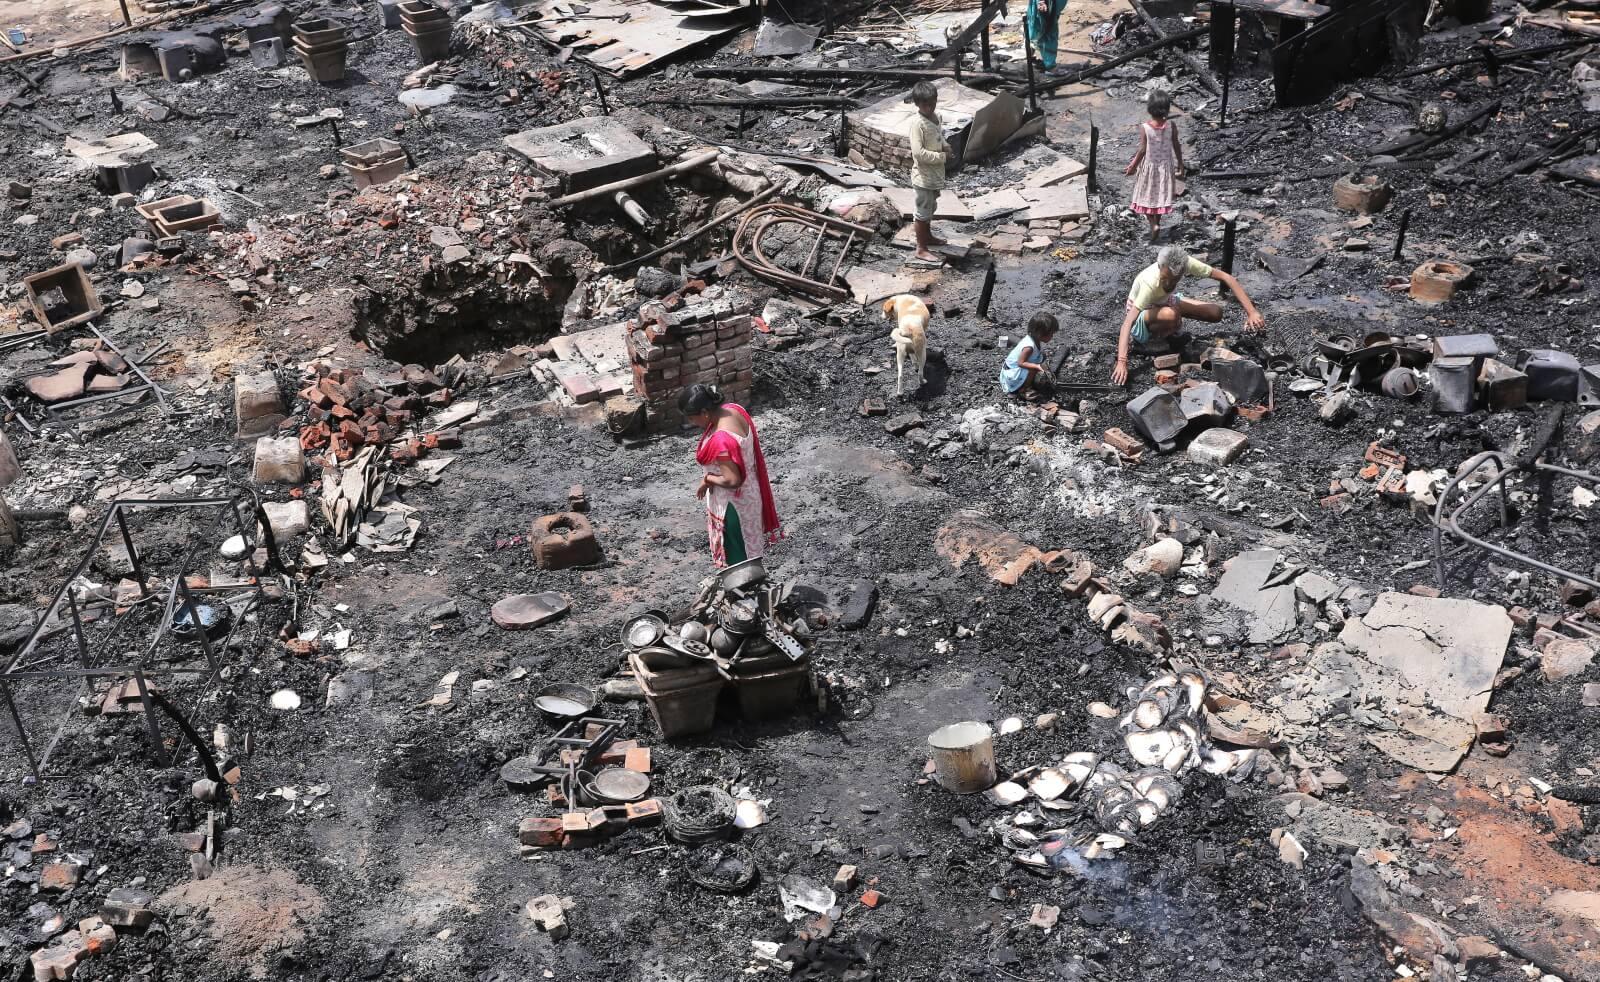 Pożar w indyjskich slumsach fot. EPA/RAJAT GUPTA